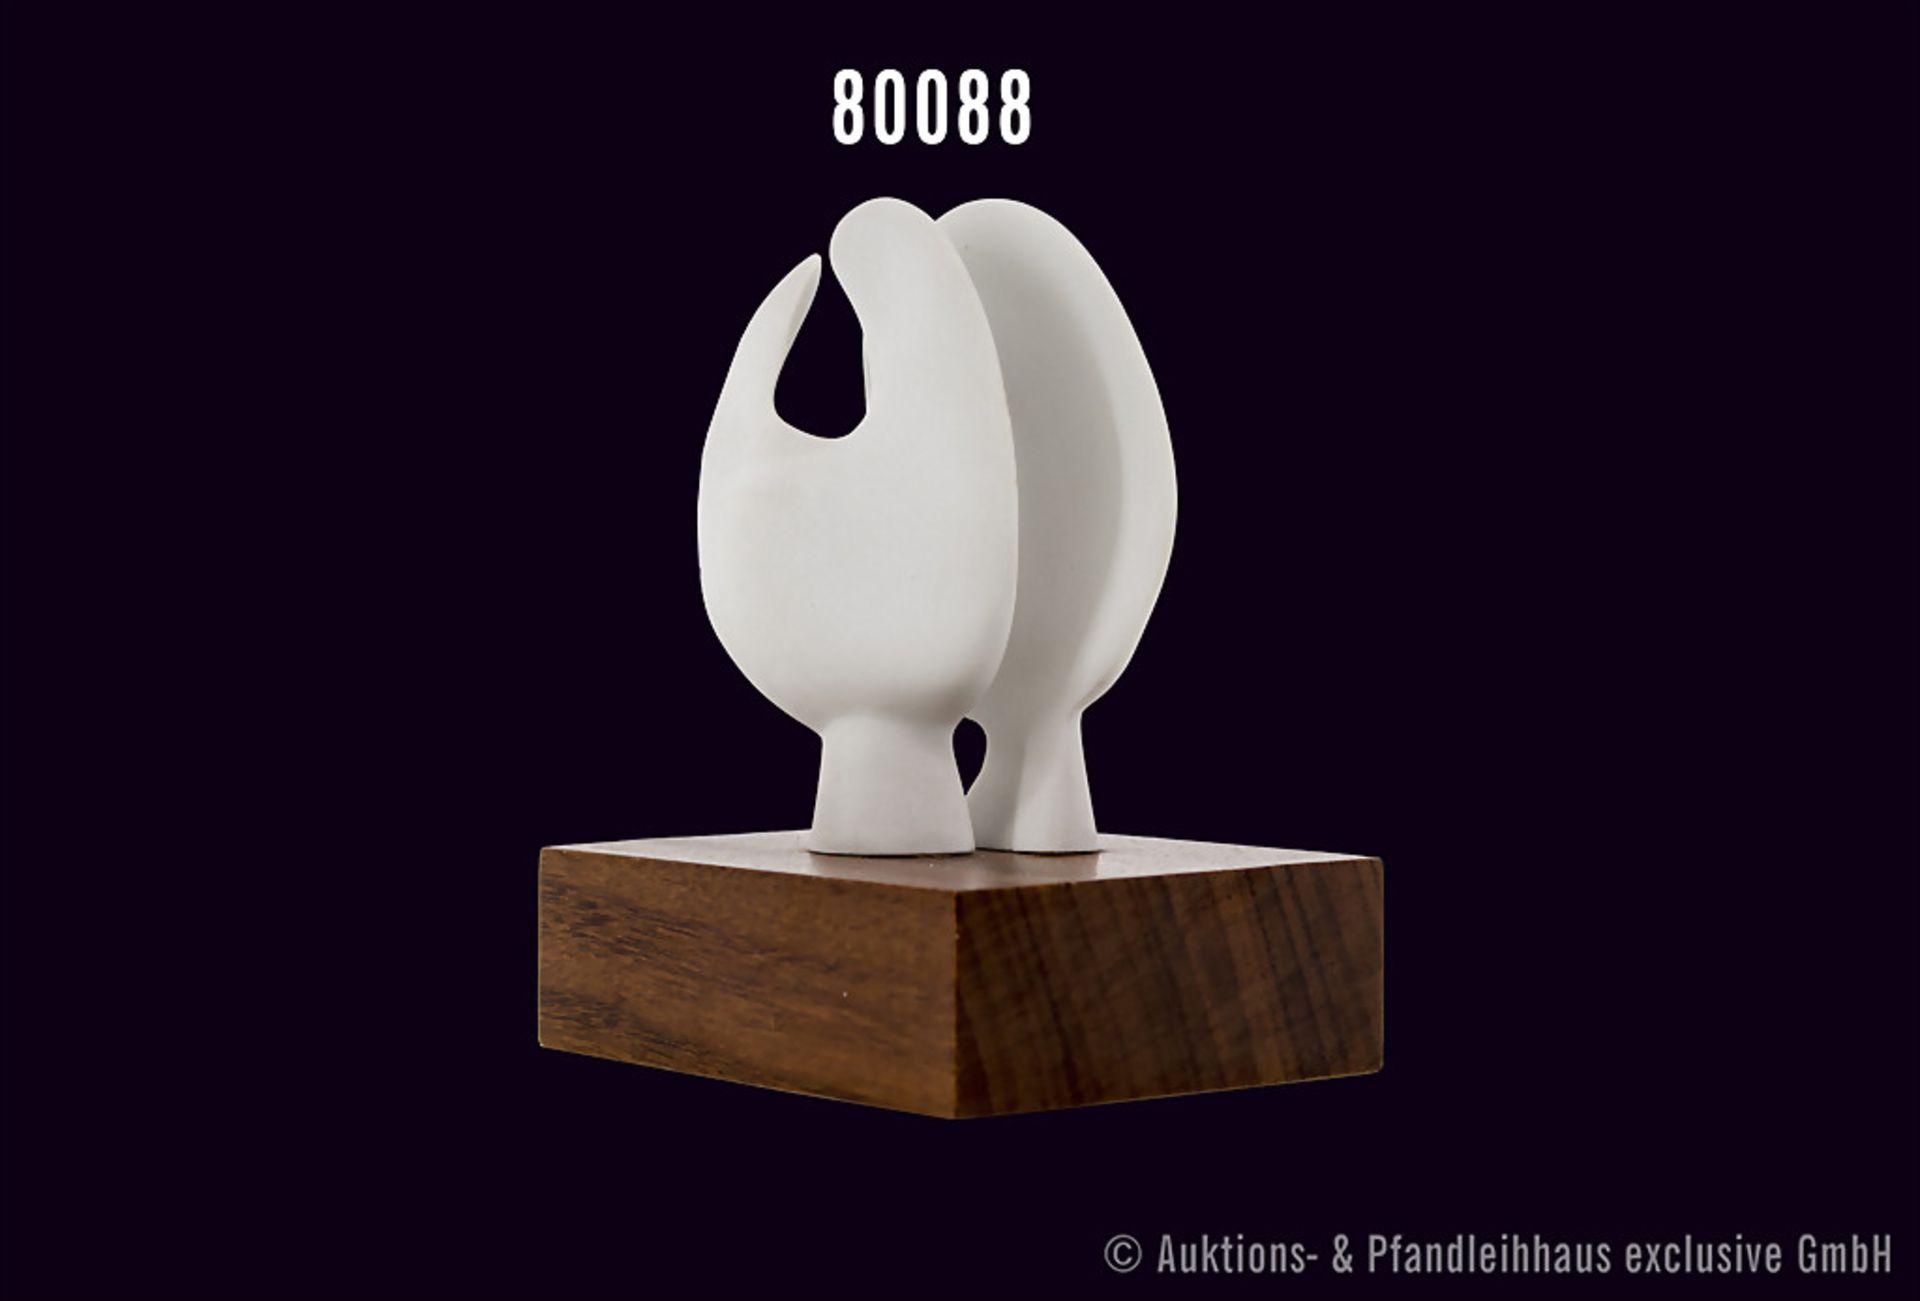 """Rosenthal Porzellan, Skulptur von Henry Moore, Titel """"Moonhead"""", weißes Porzellan auf Holzsockel, - Bild 2 aus 2"""